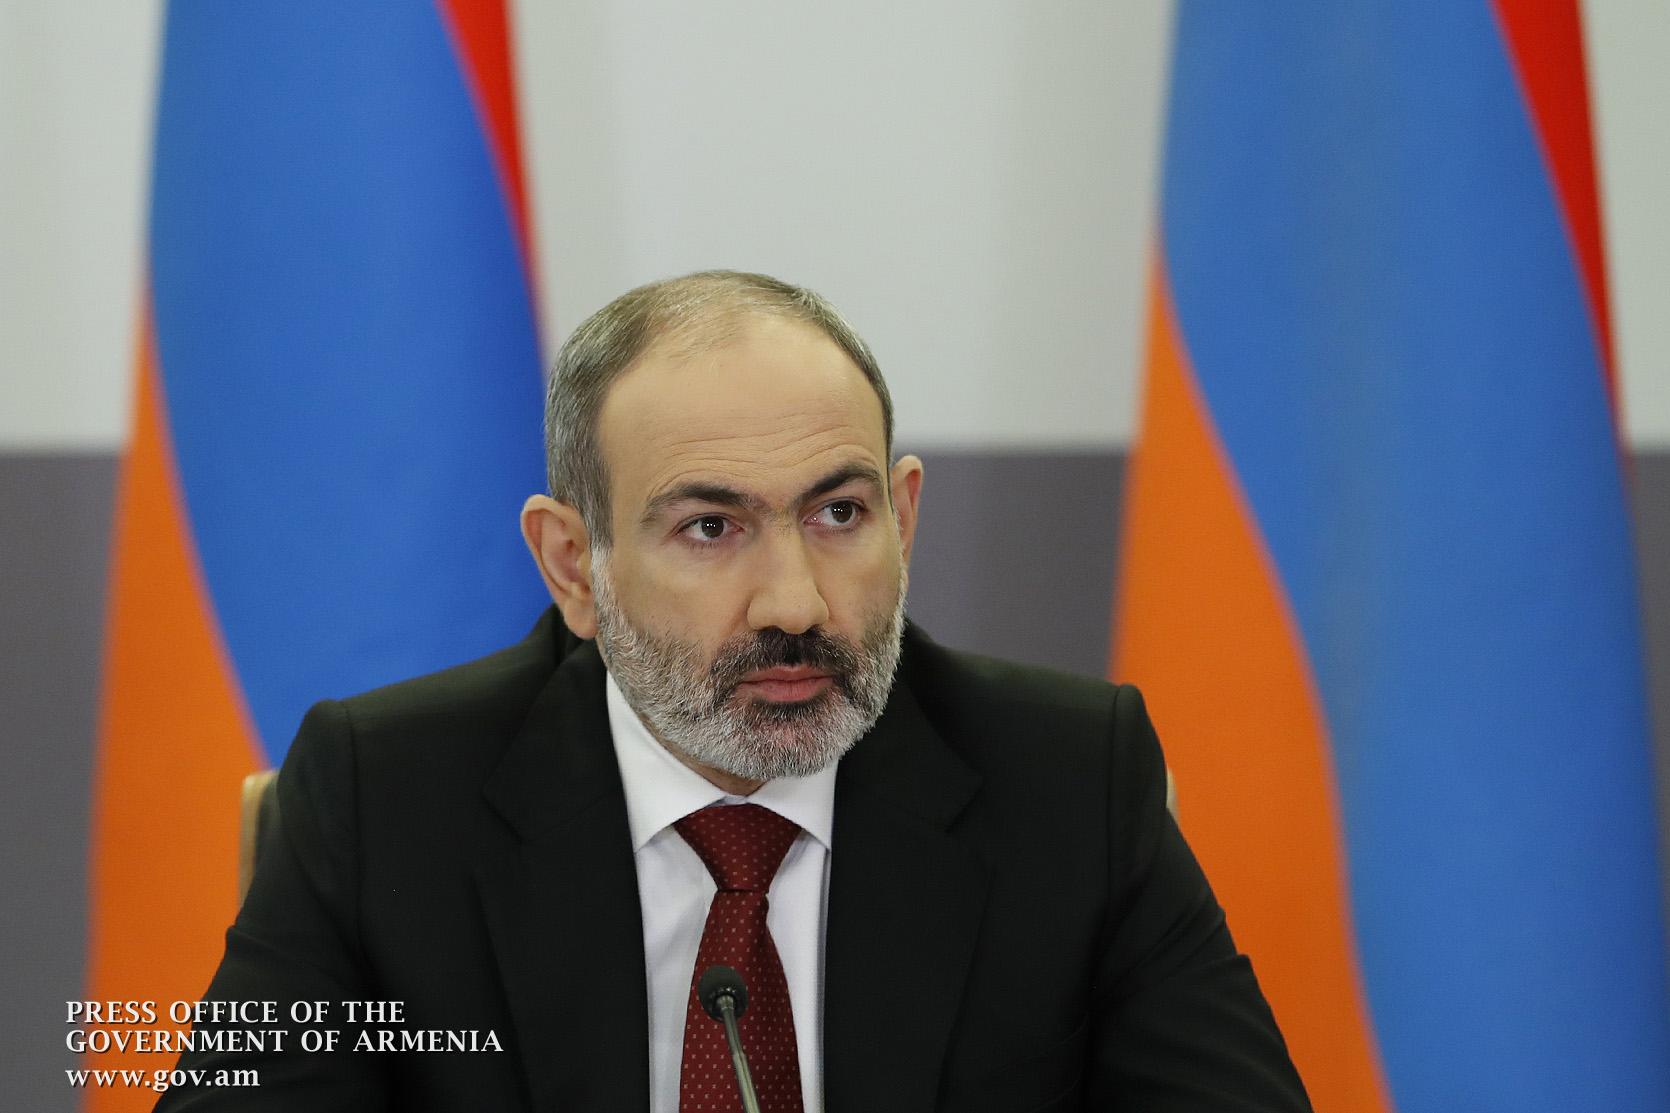 Никол Пашинян на заседании Совбеза перечислил национальные цели армянского государства